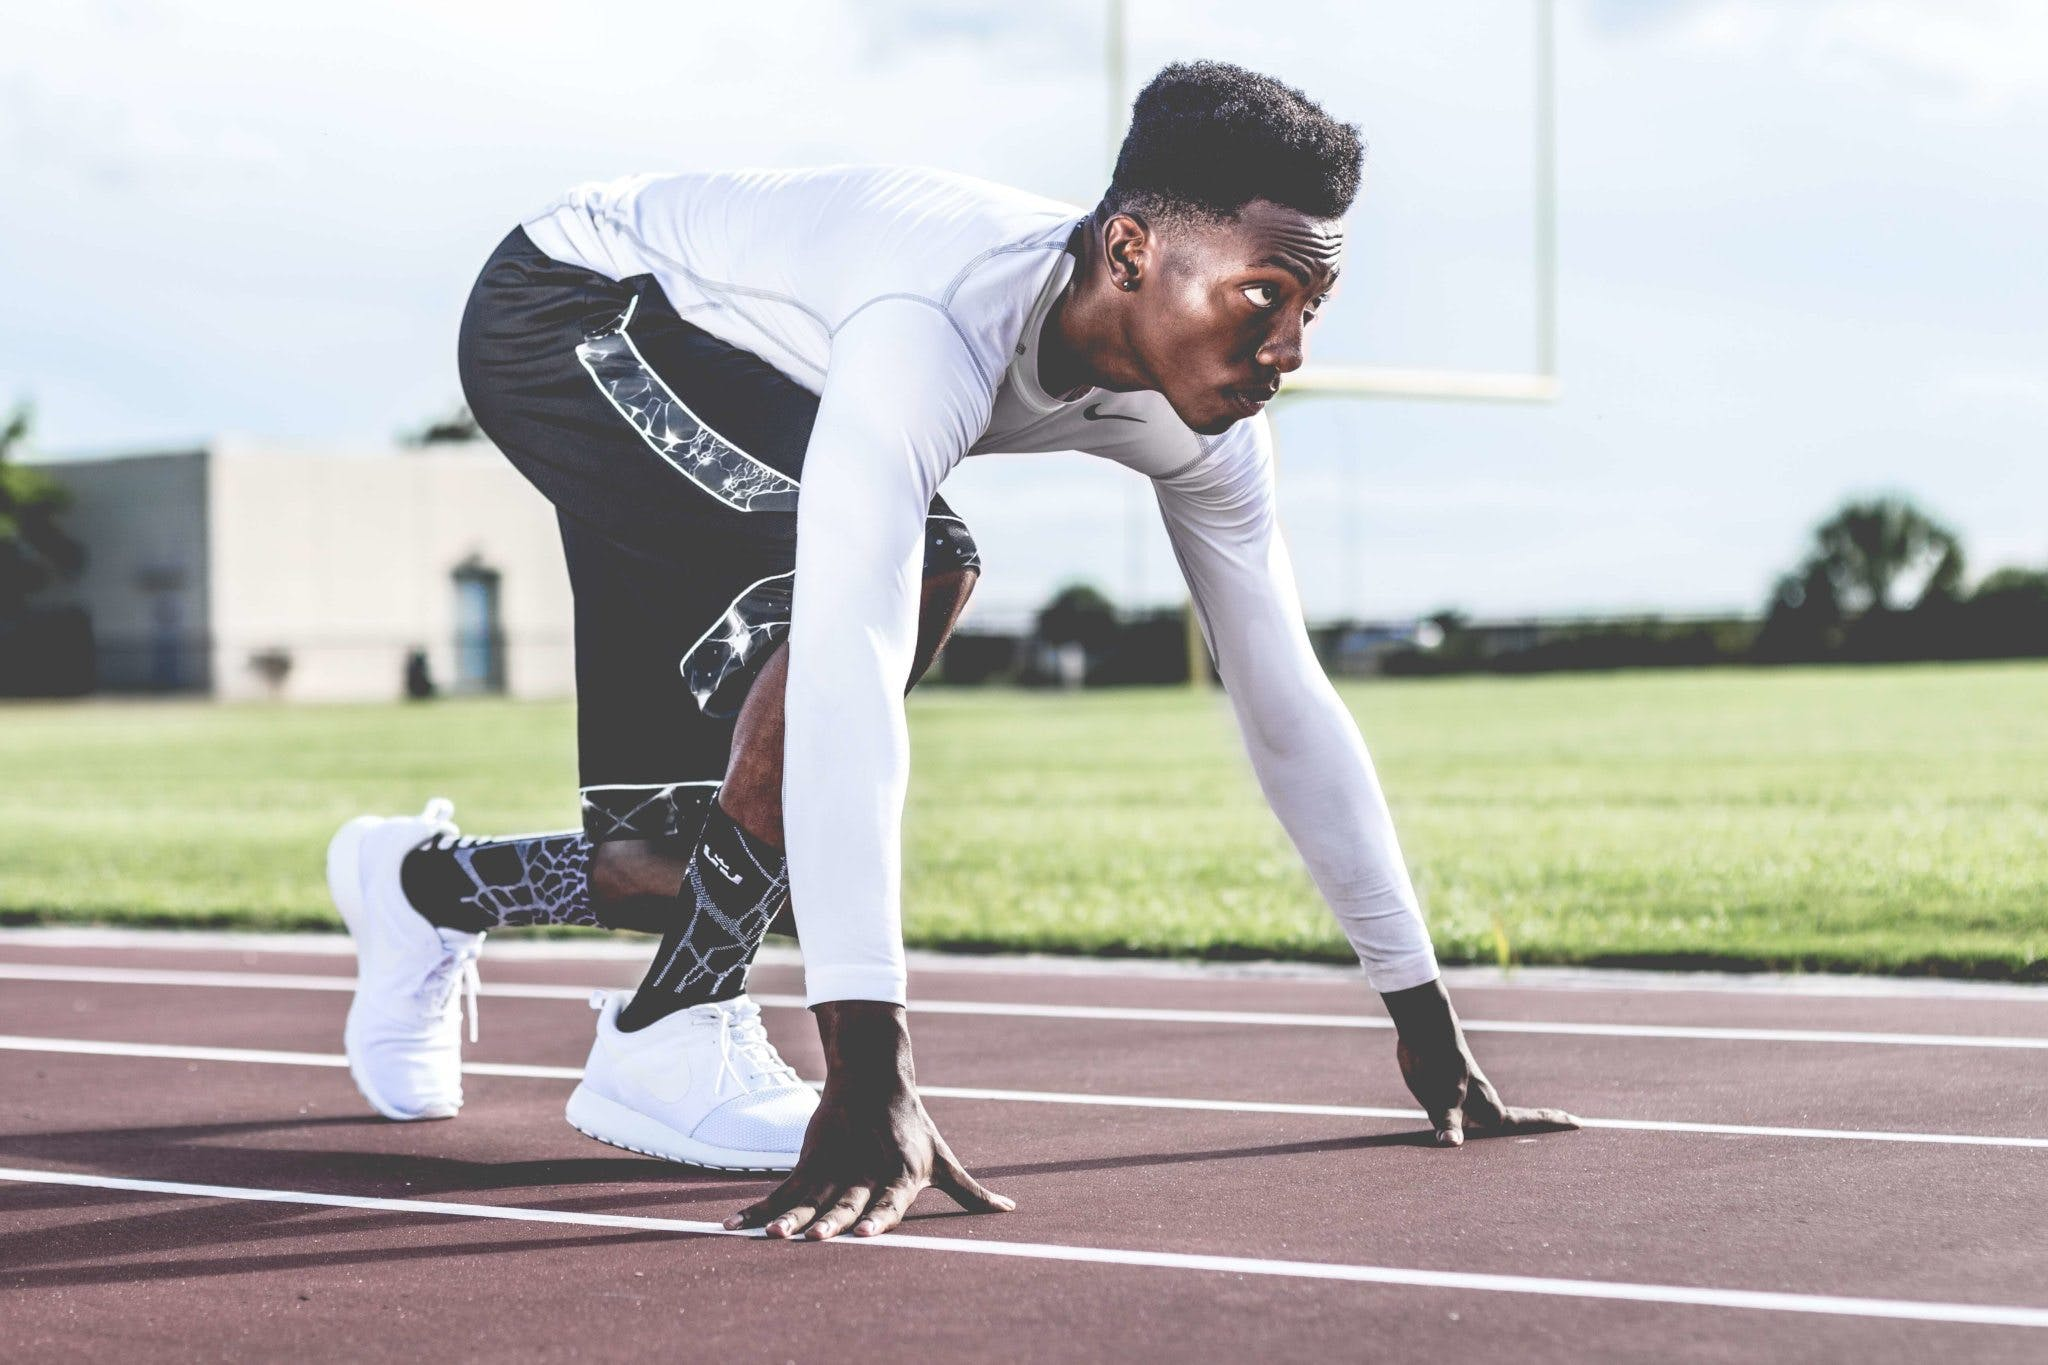 Gratis stockfoto met actie, atleet, atletiek, beweging